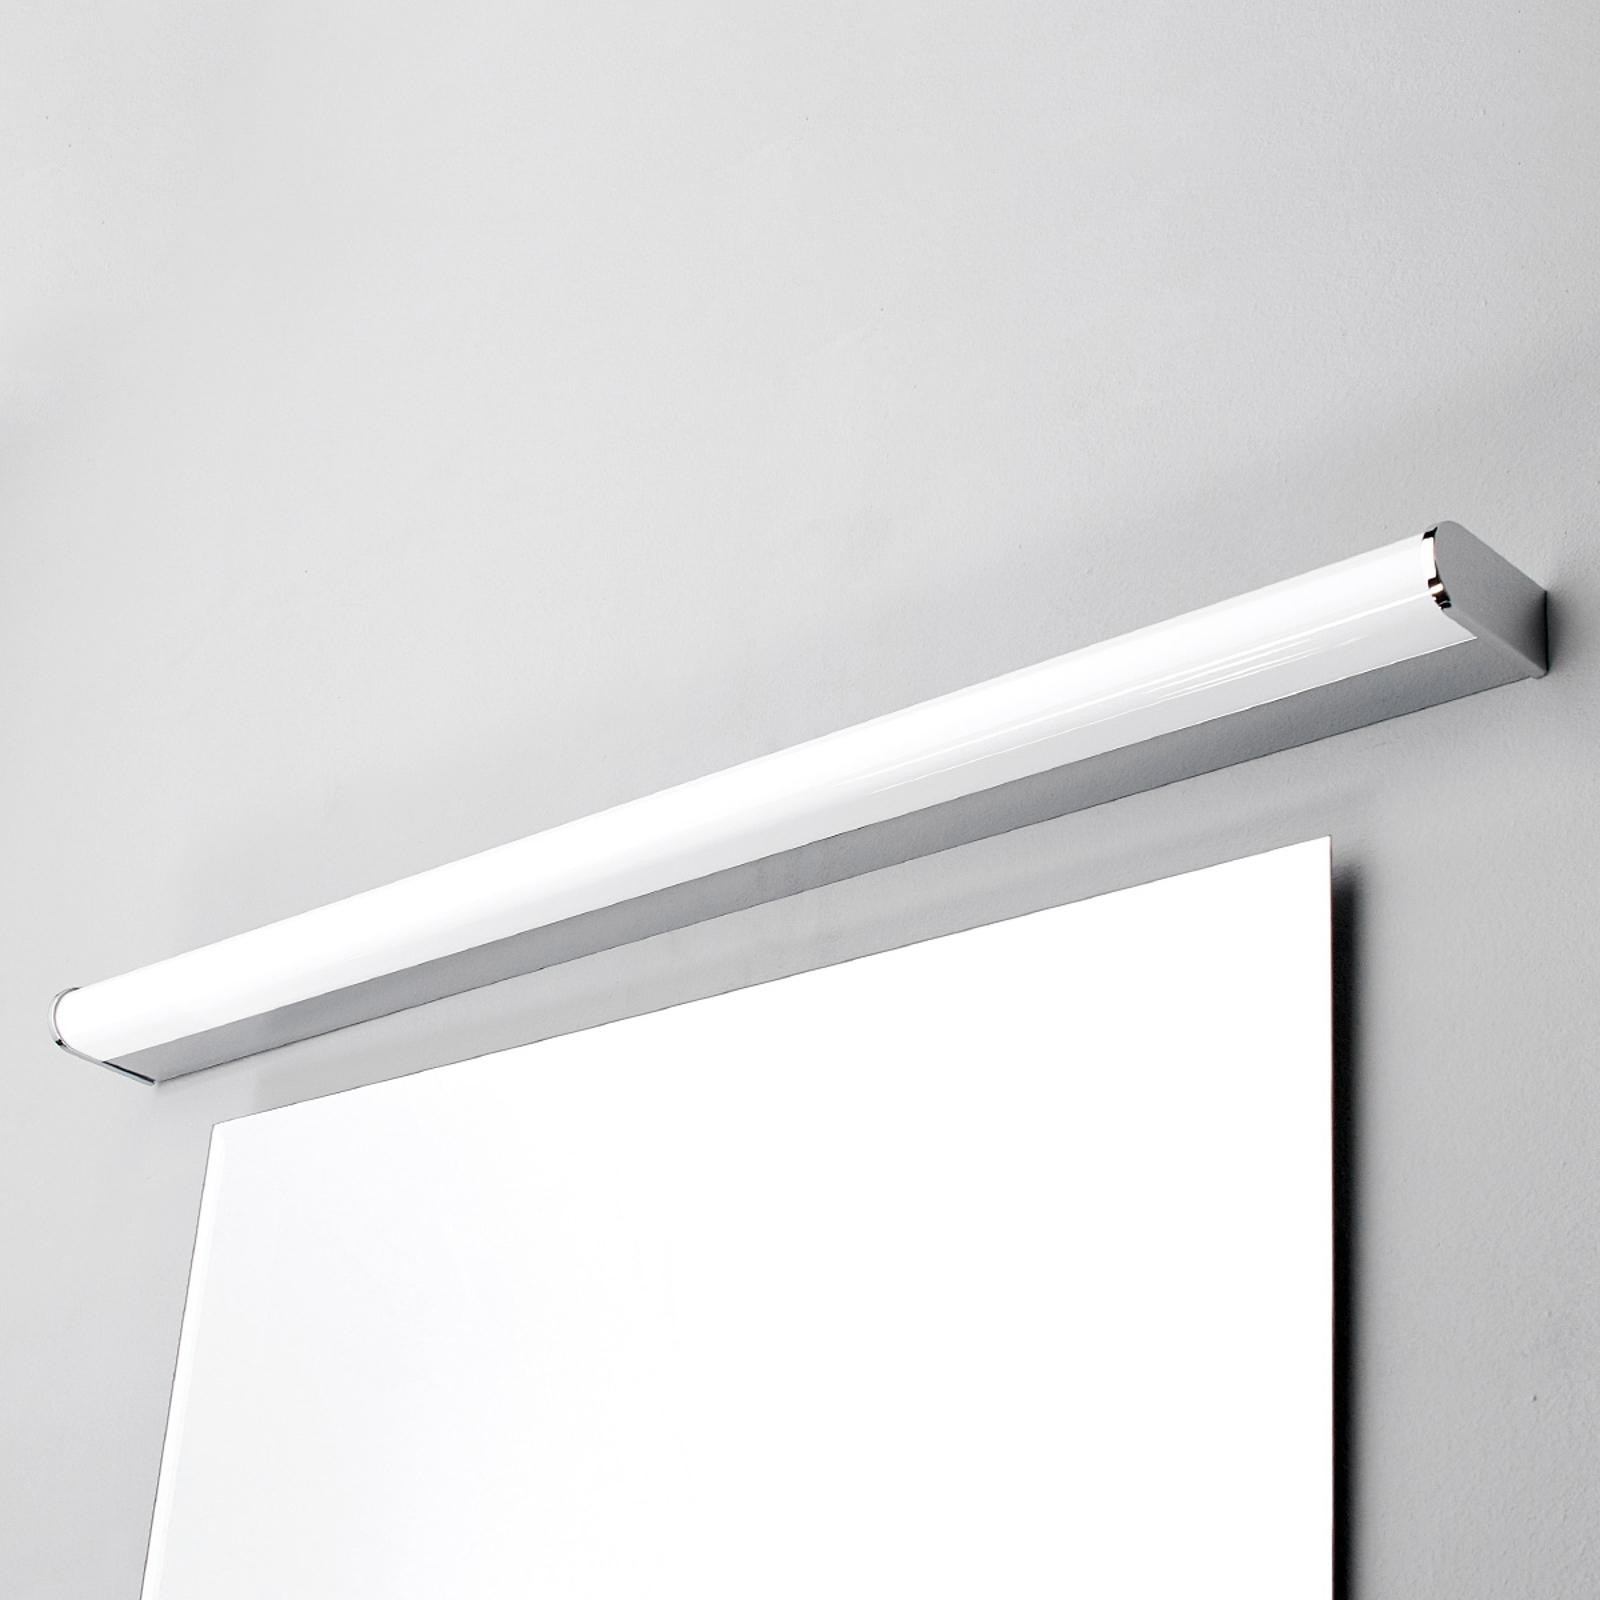 LED-bad- og speillampe Philippa halvrund 88cm